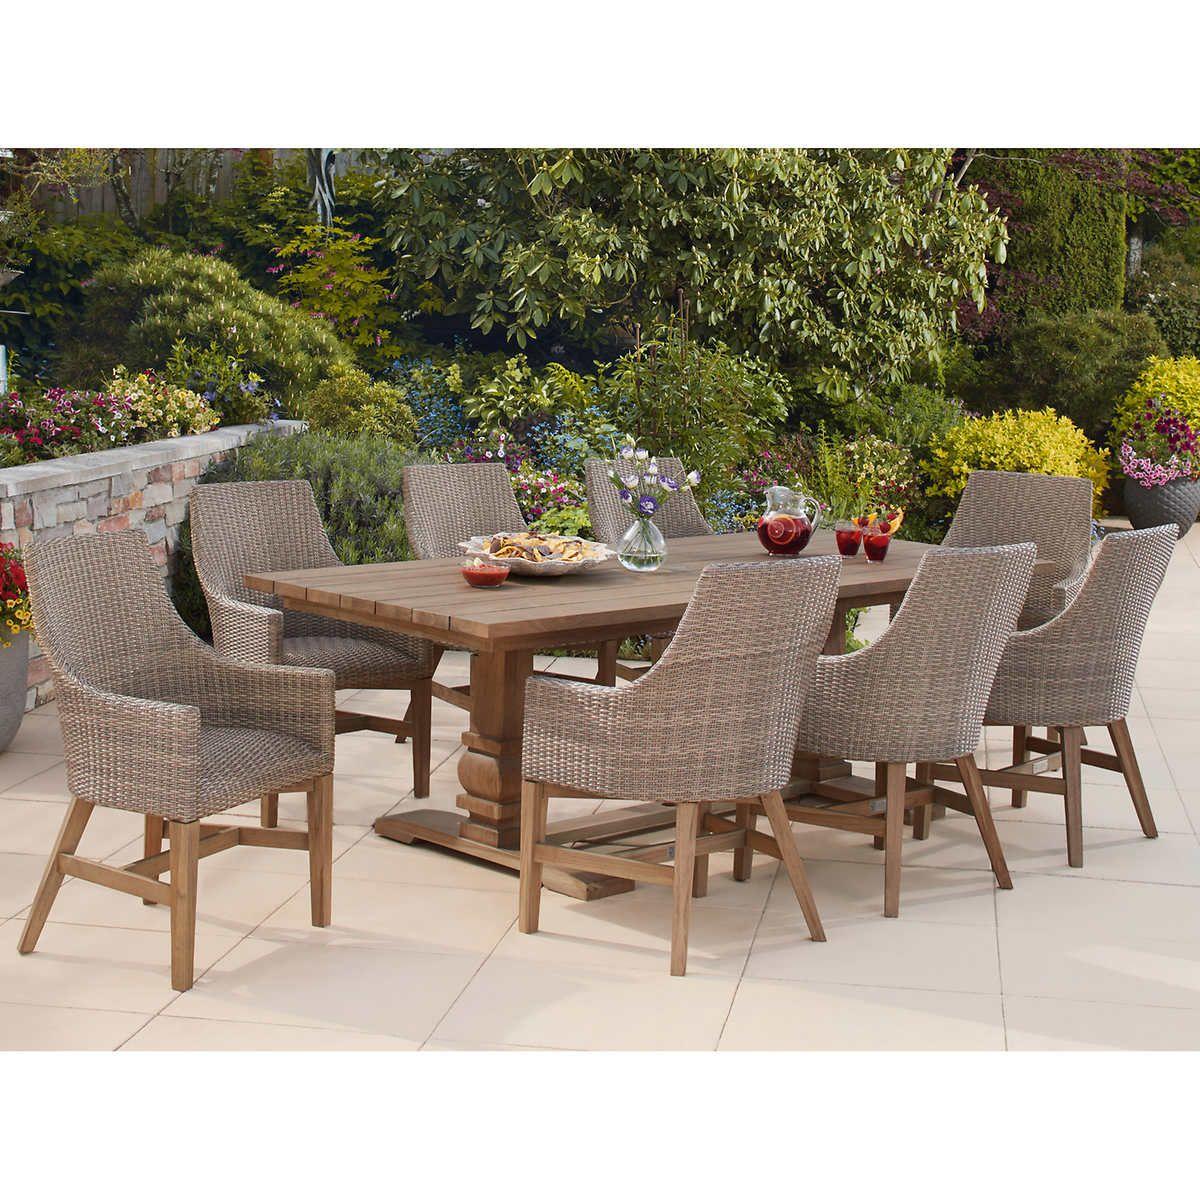 9 Piece Teak Dining Set Teak Patio Furniture Outdoor Decor